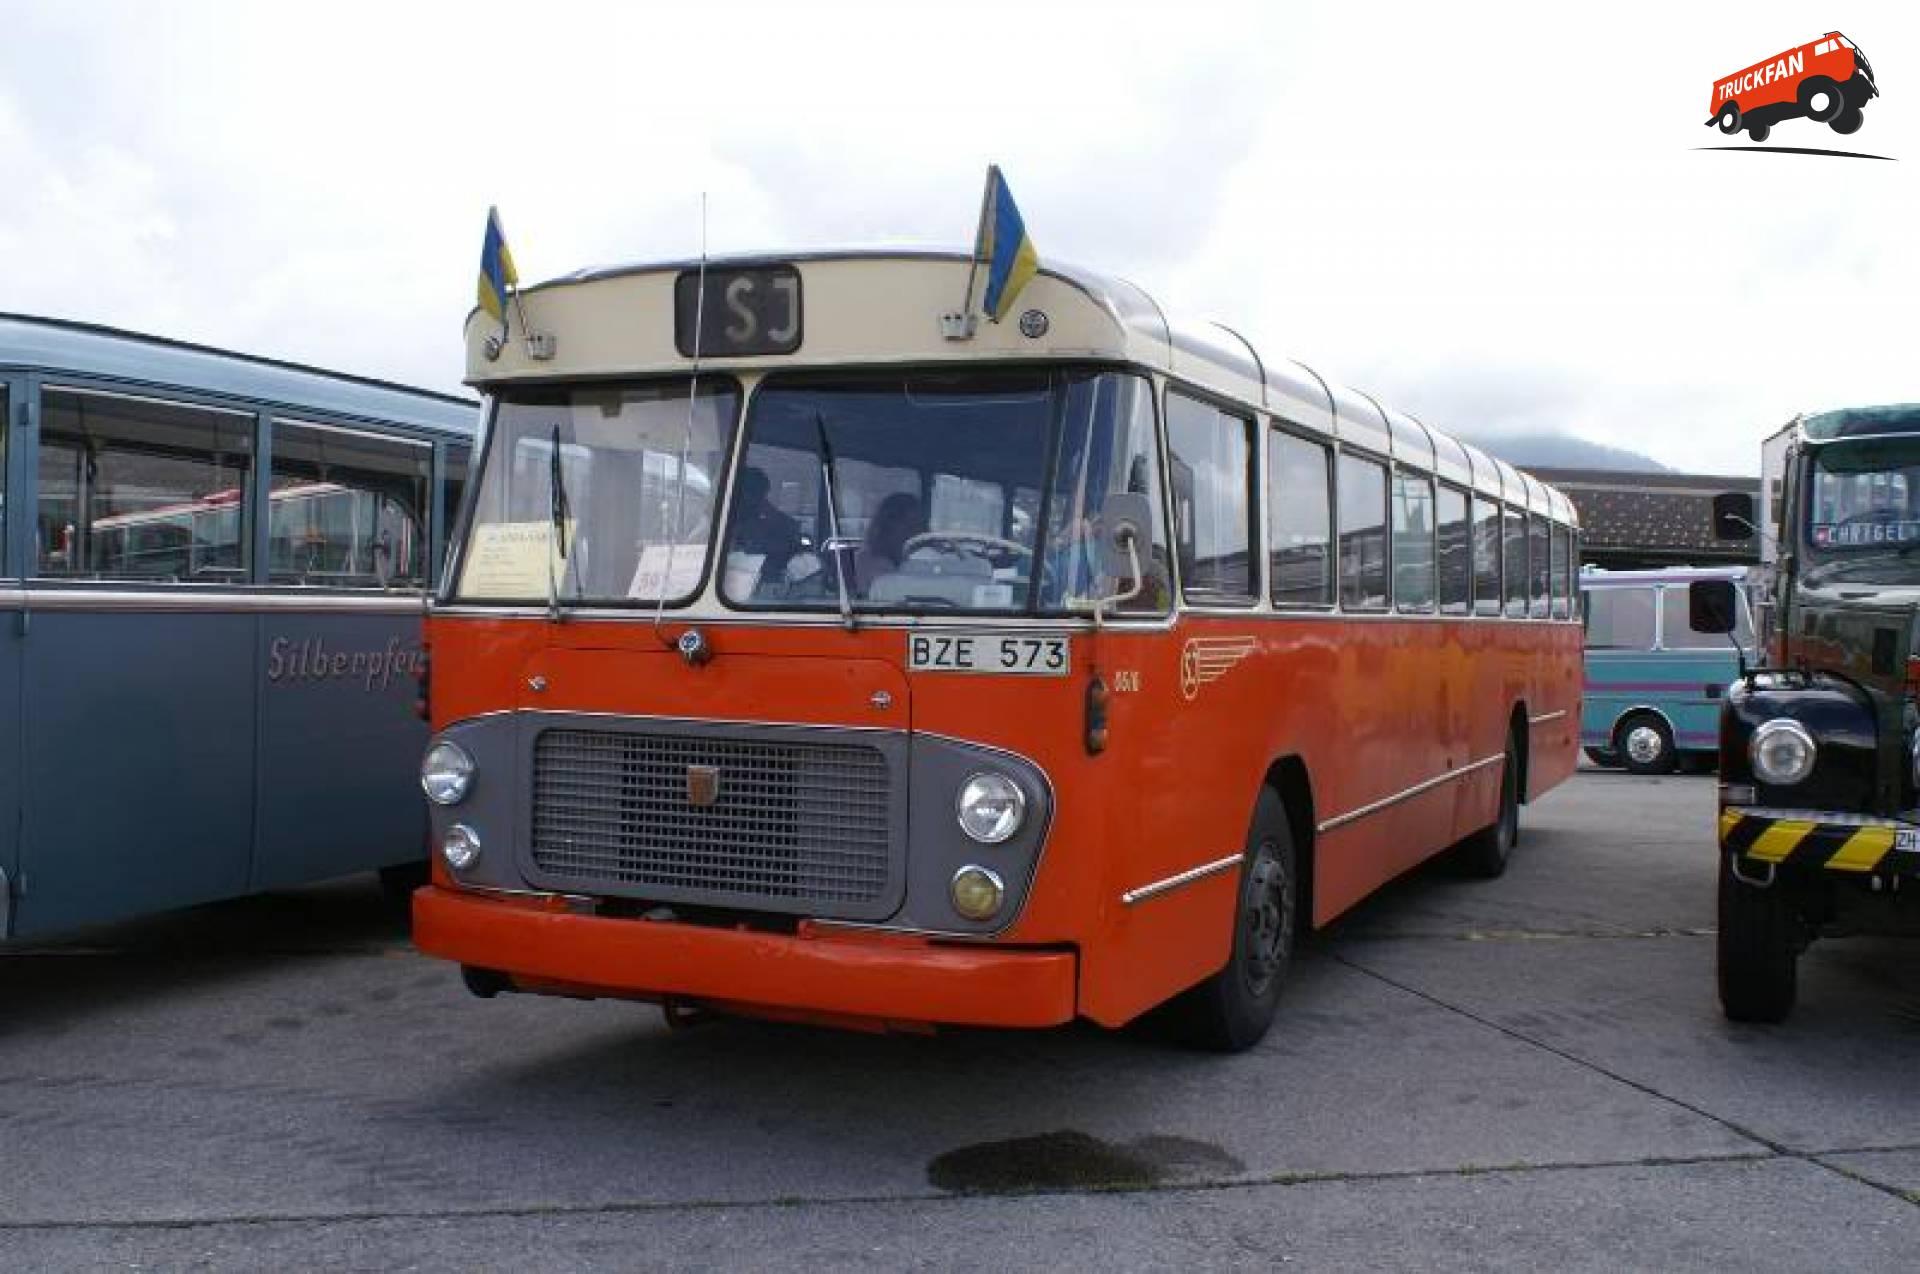 Hägglunds bus